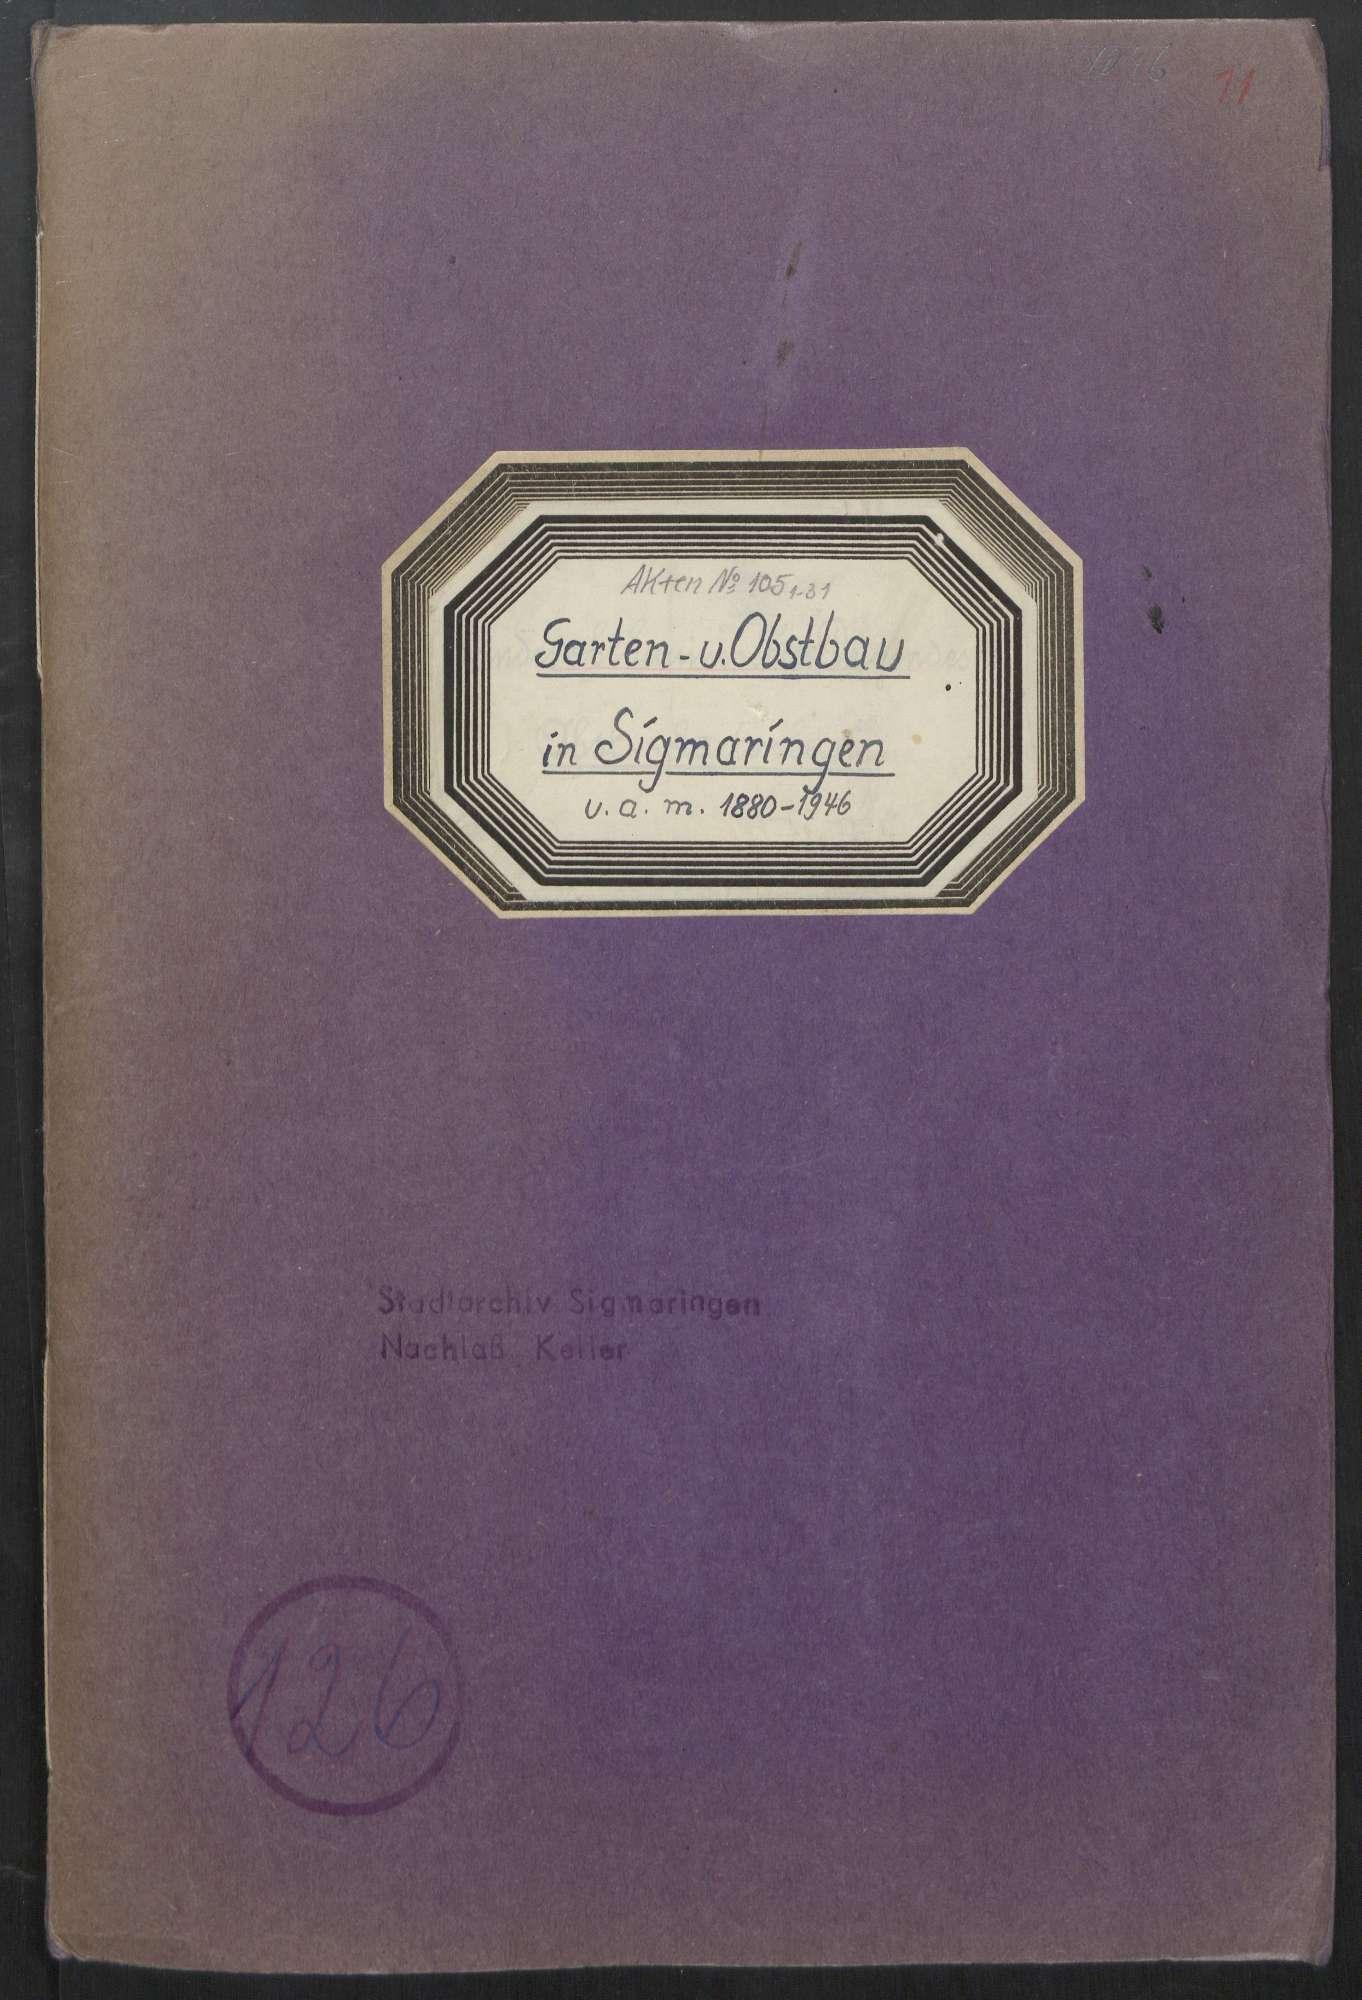 Garten- und Obstbau in Sigmaringen u. a. m. (1880 - 1946), Bild 1